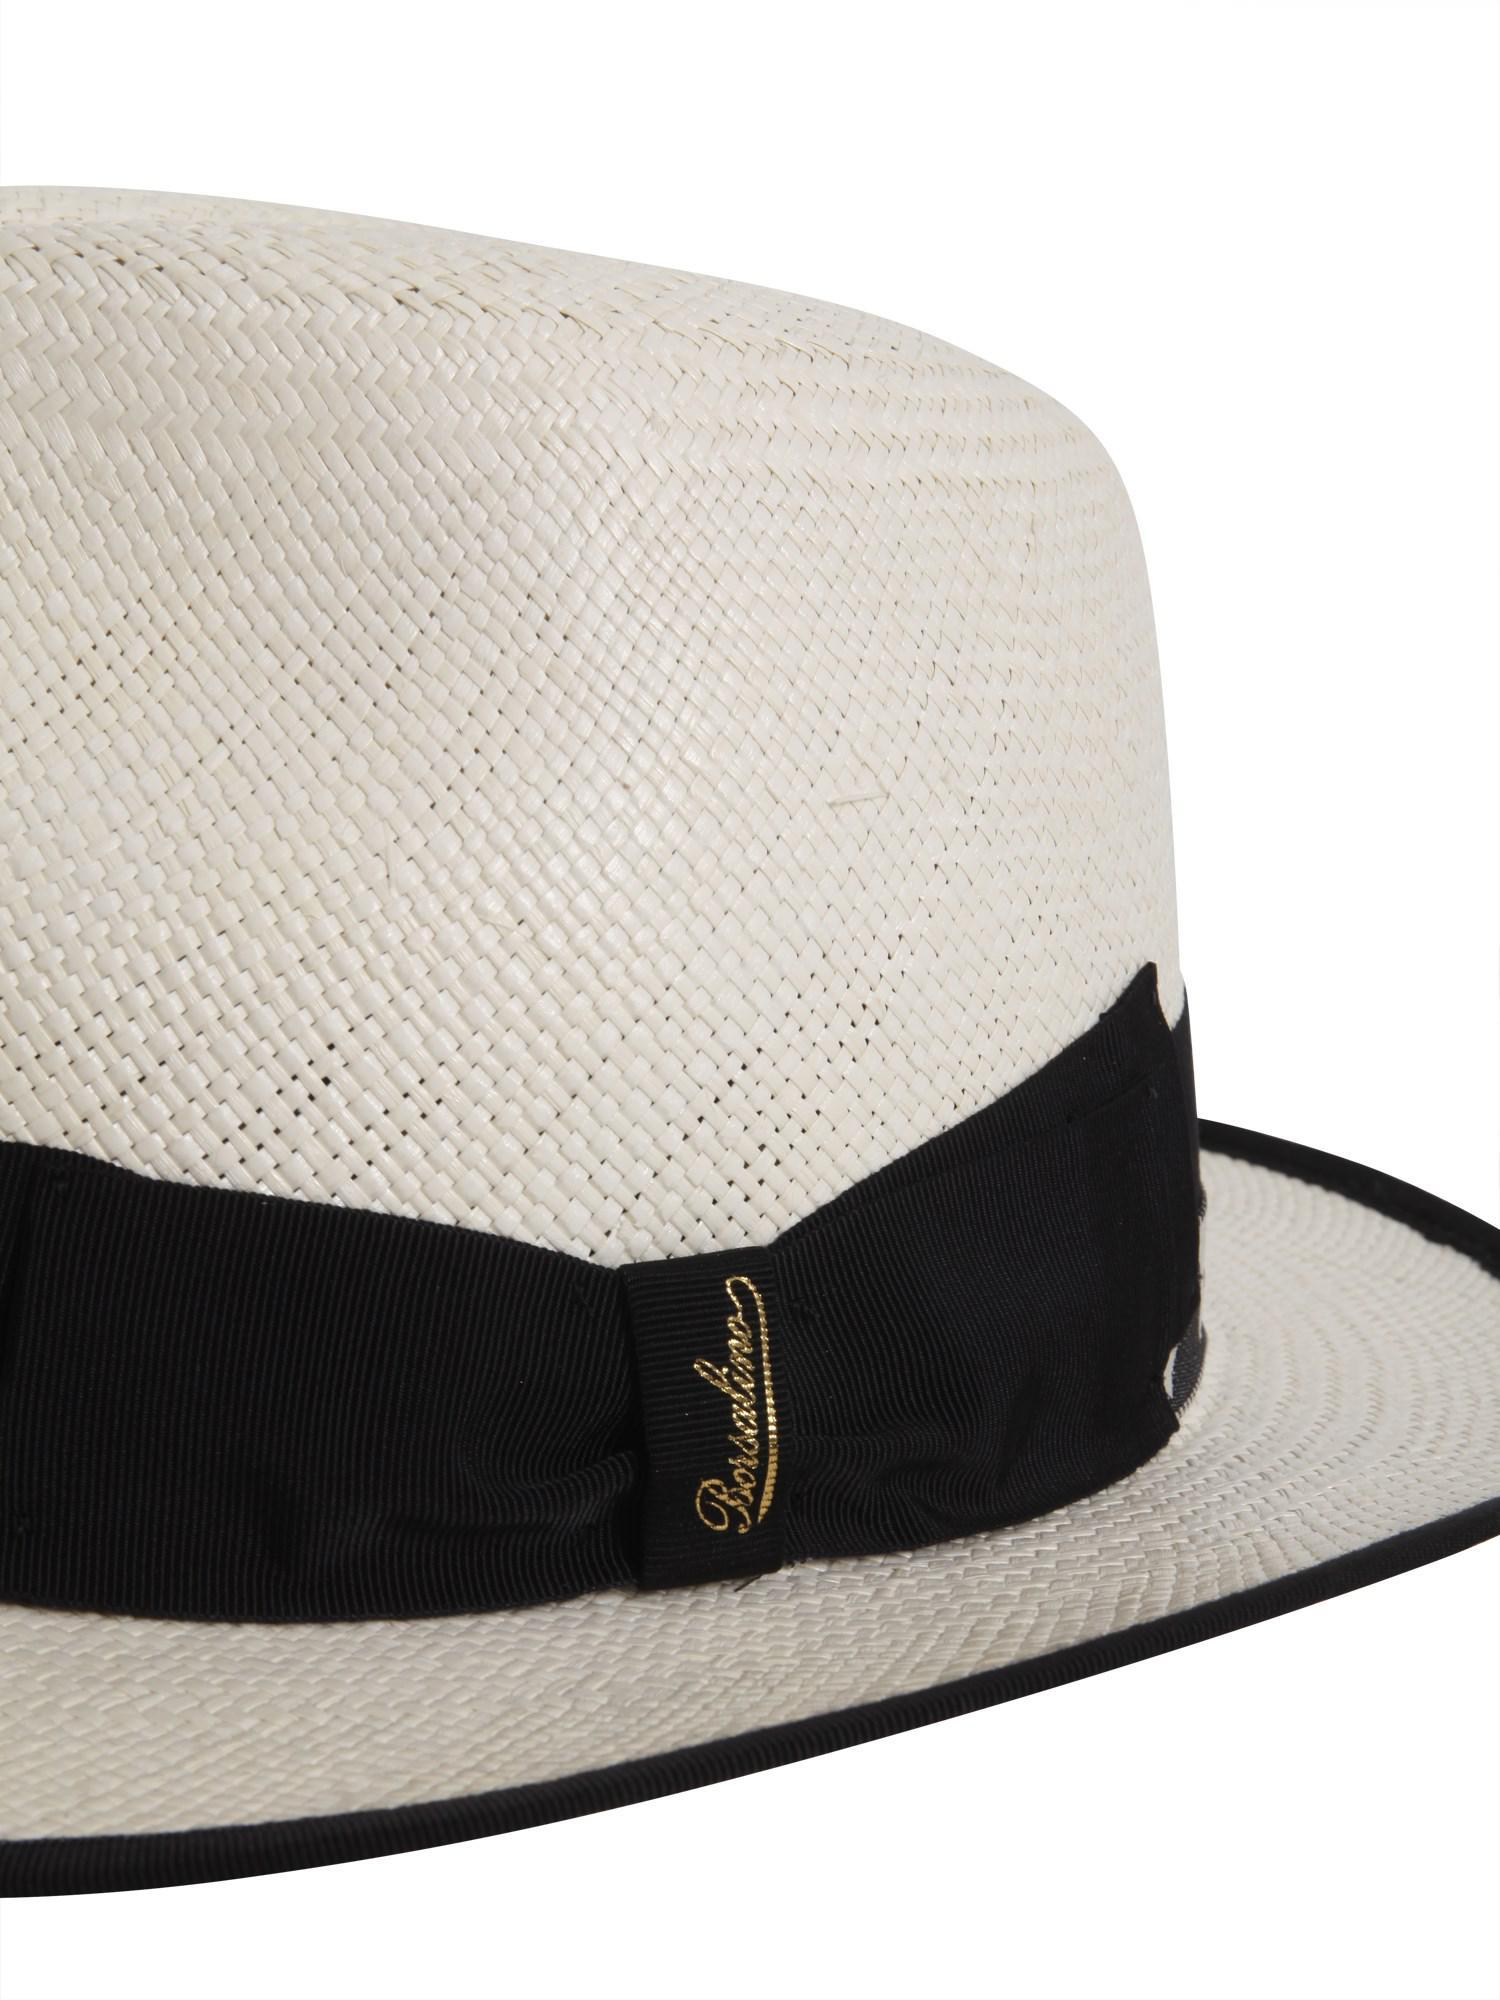 Borsalino - White Panama Quito Jacquard Straw Cap - Lyst. View fullscreen 27397b83f725